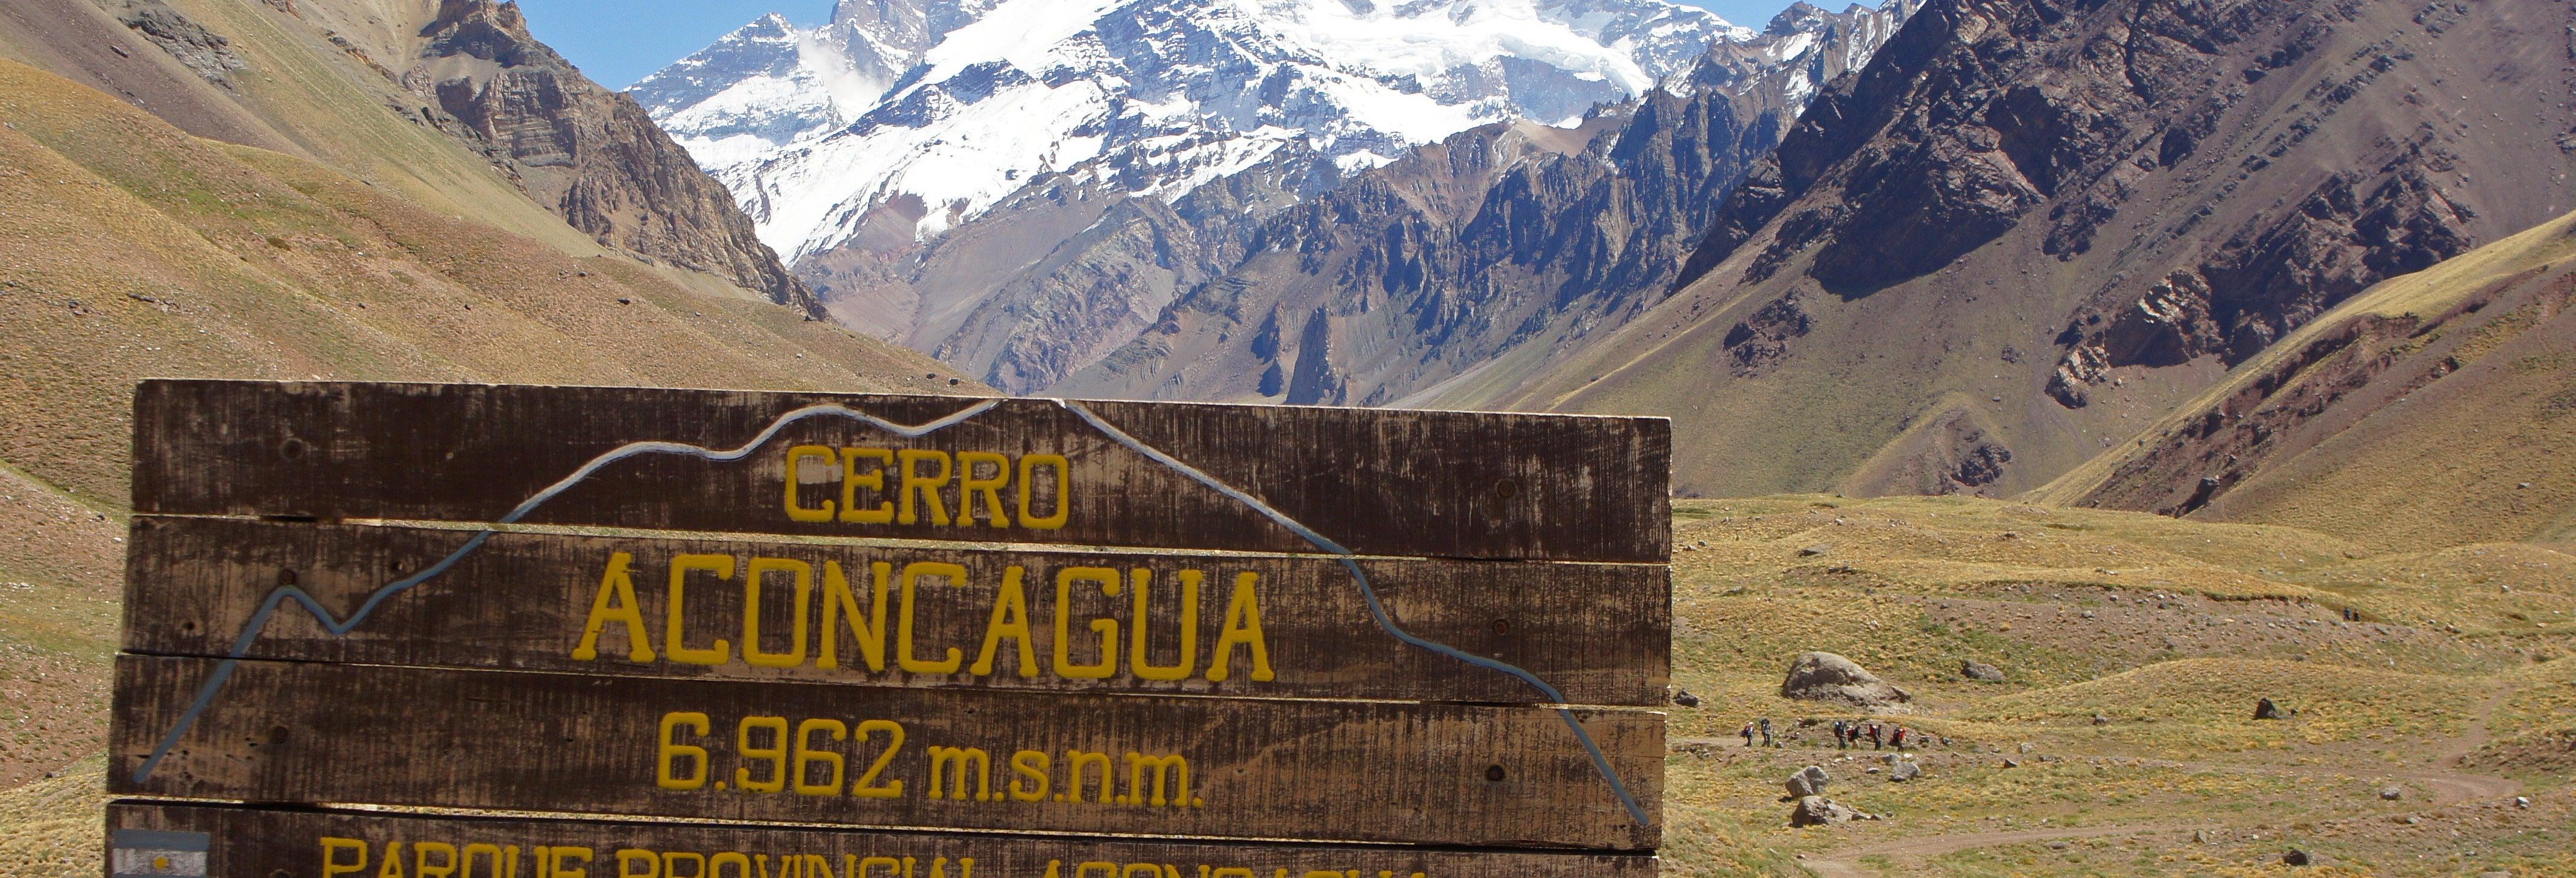 Excursión al Parque Aconcagua